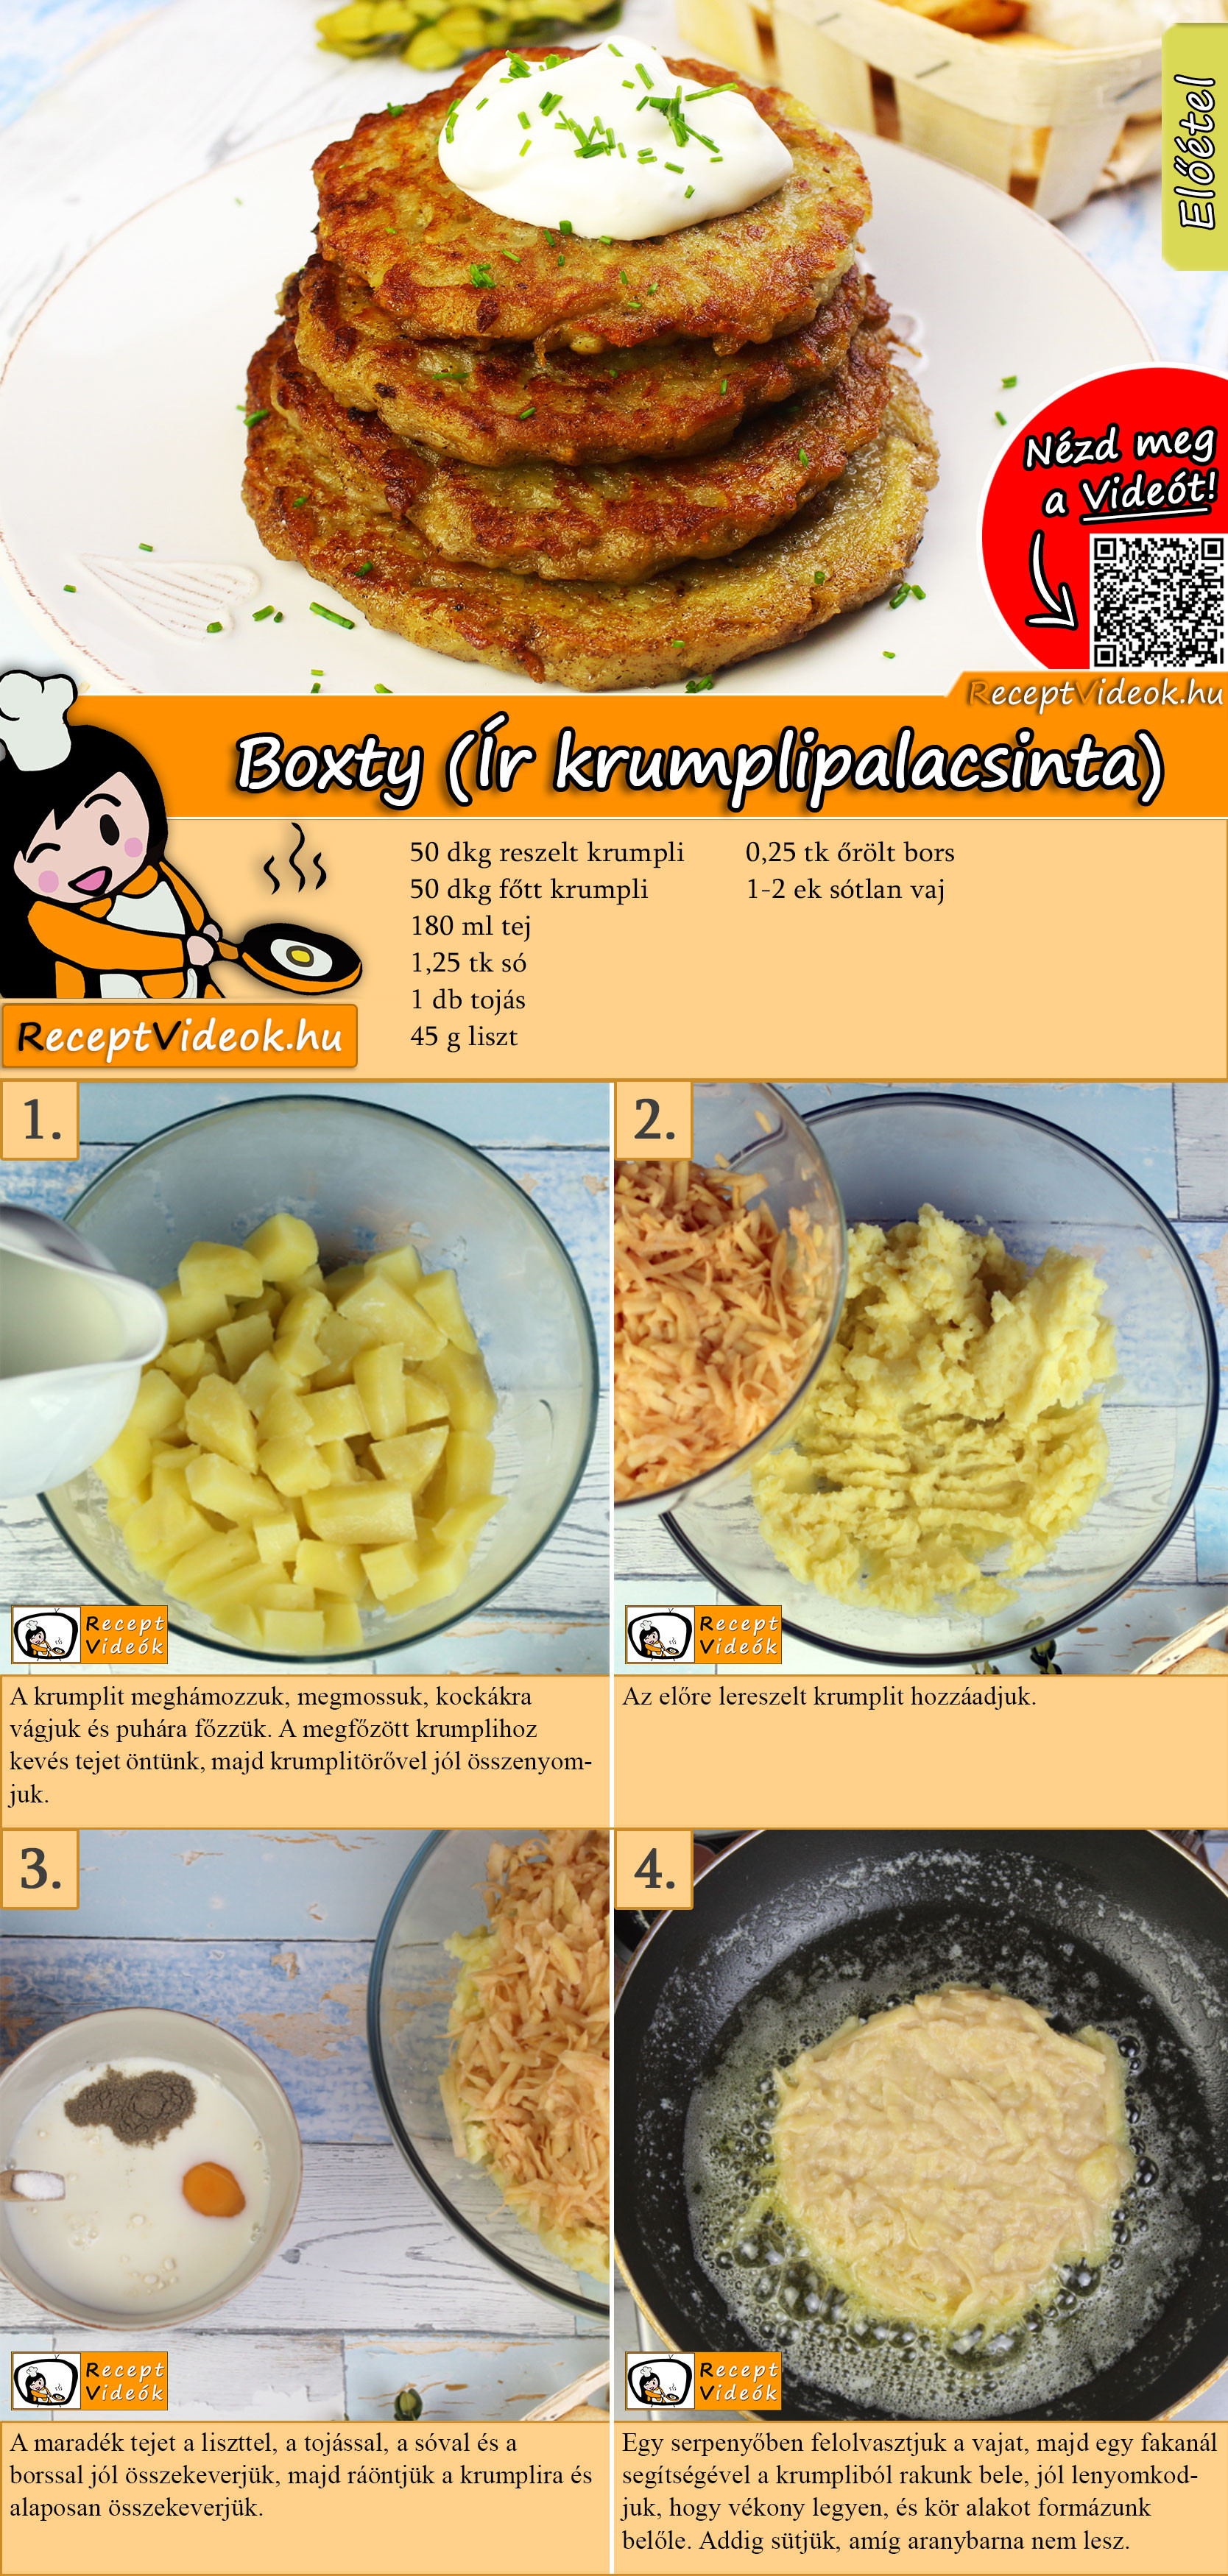 Boxty (Ír krumplipalacsinta) recept elkészítése videóval